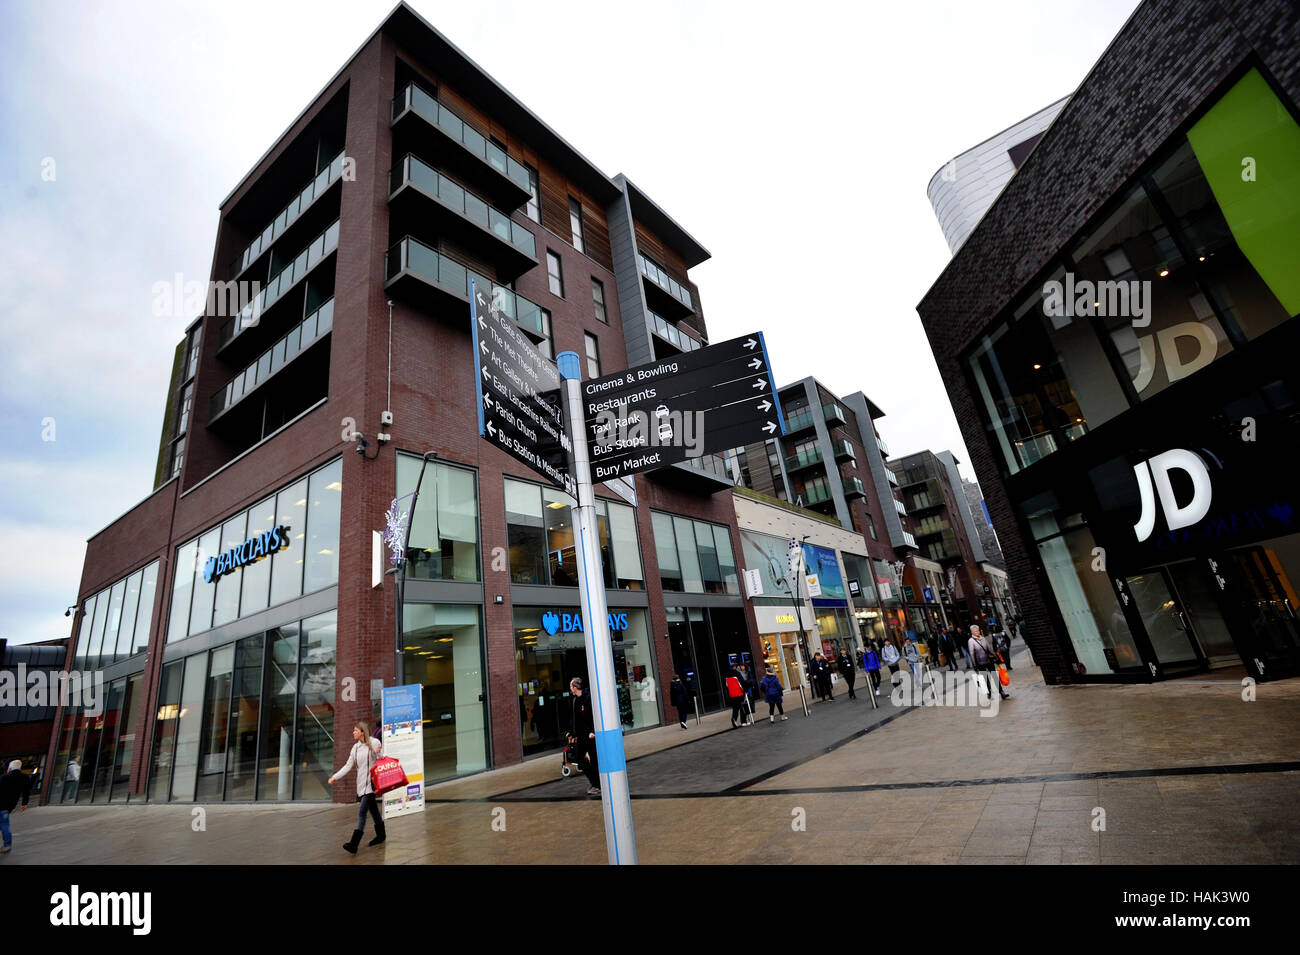 Der Rock, Einkaufs- und Unterhaltungsmöglichkeiten Veranstaltungsort, Bury, Lancashire. Bild von Paul Heyes, Stockbild